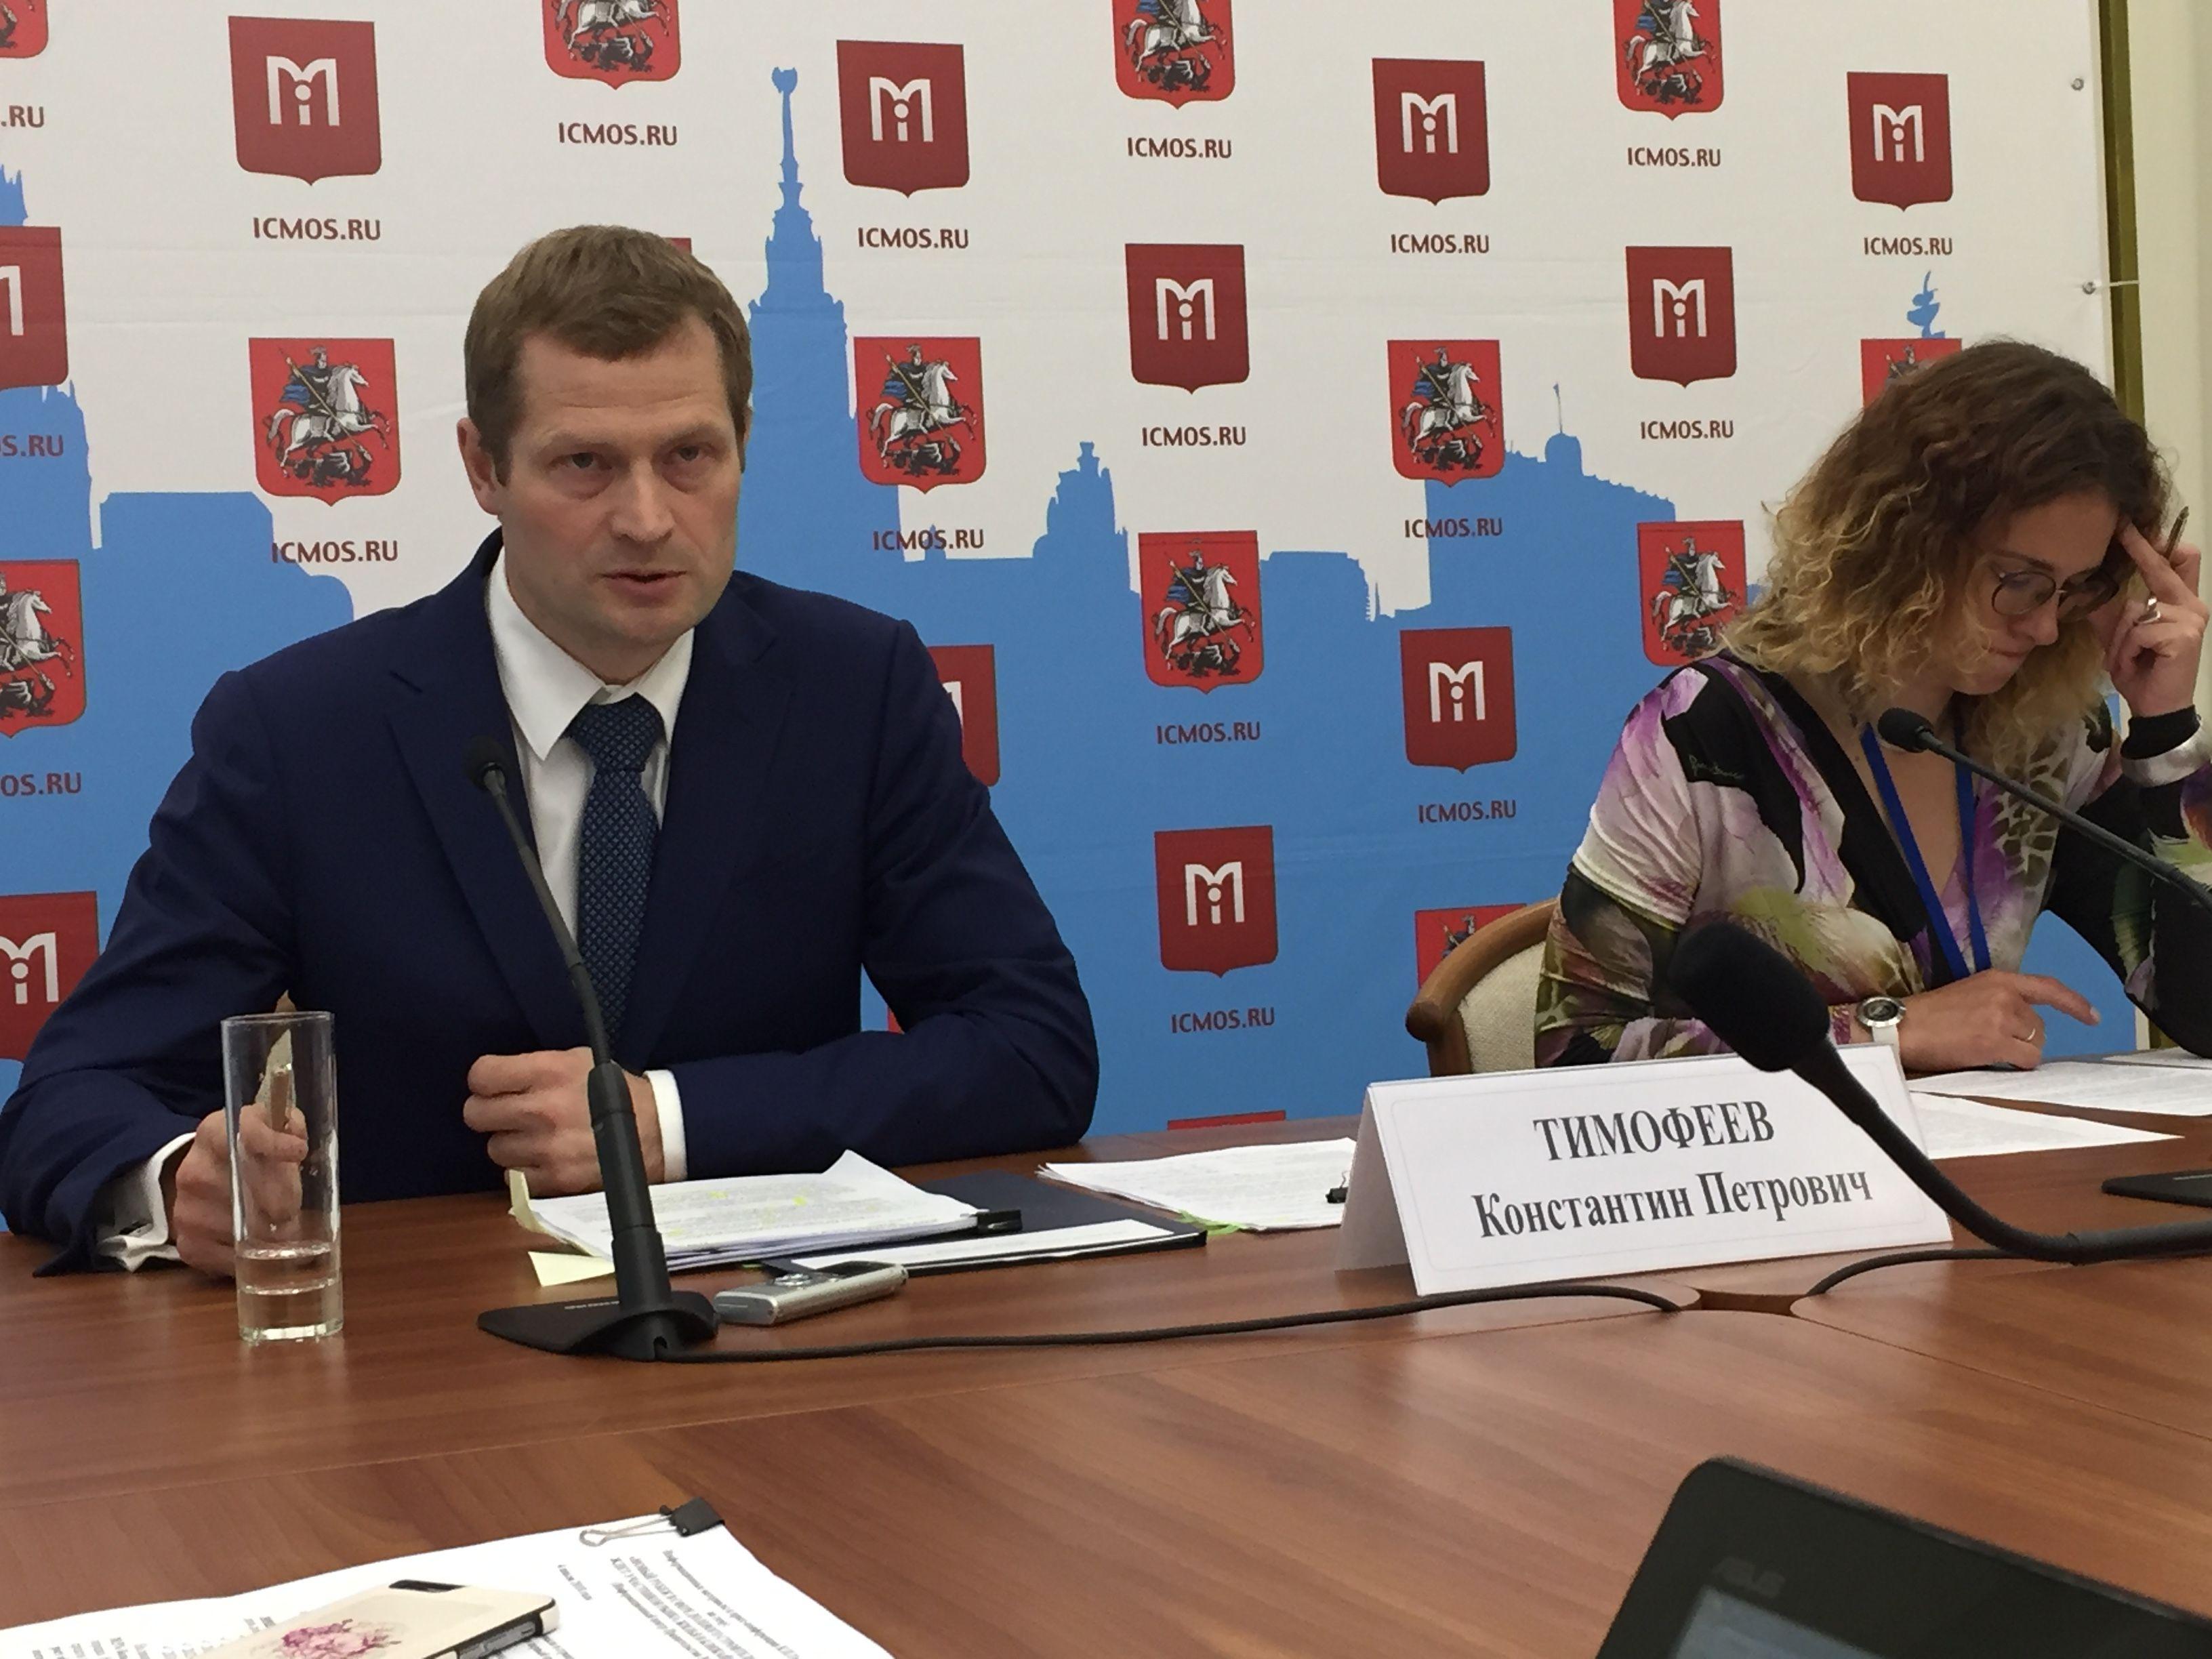 Пресс-конференция о долевом строительстве состоялась в Москве